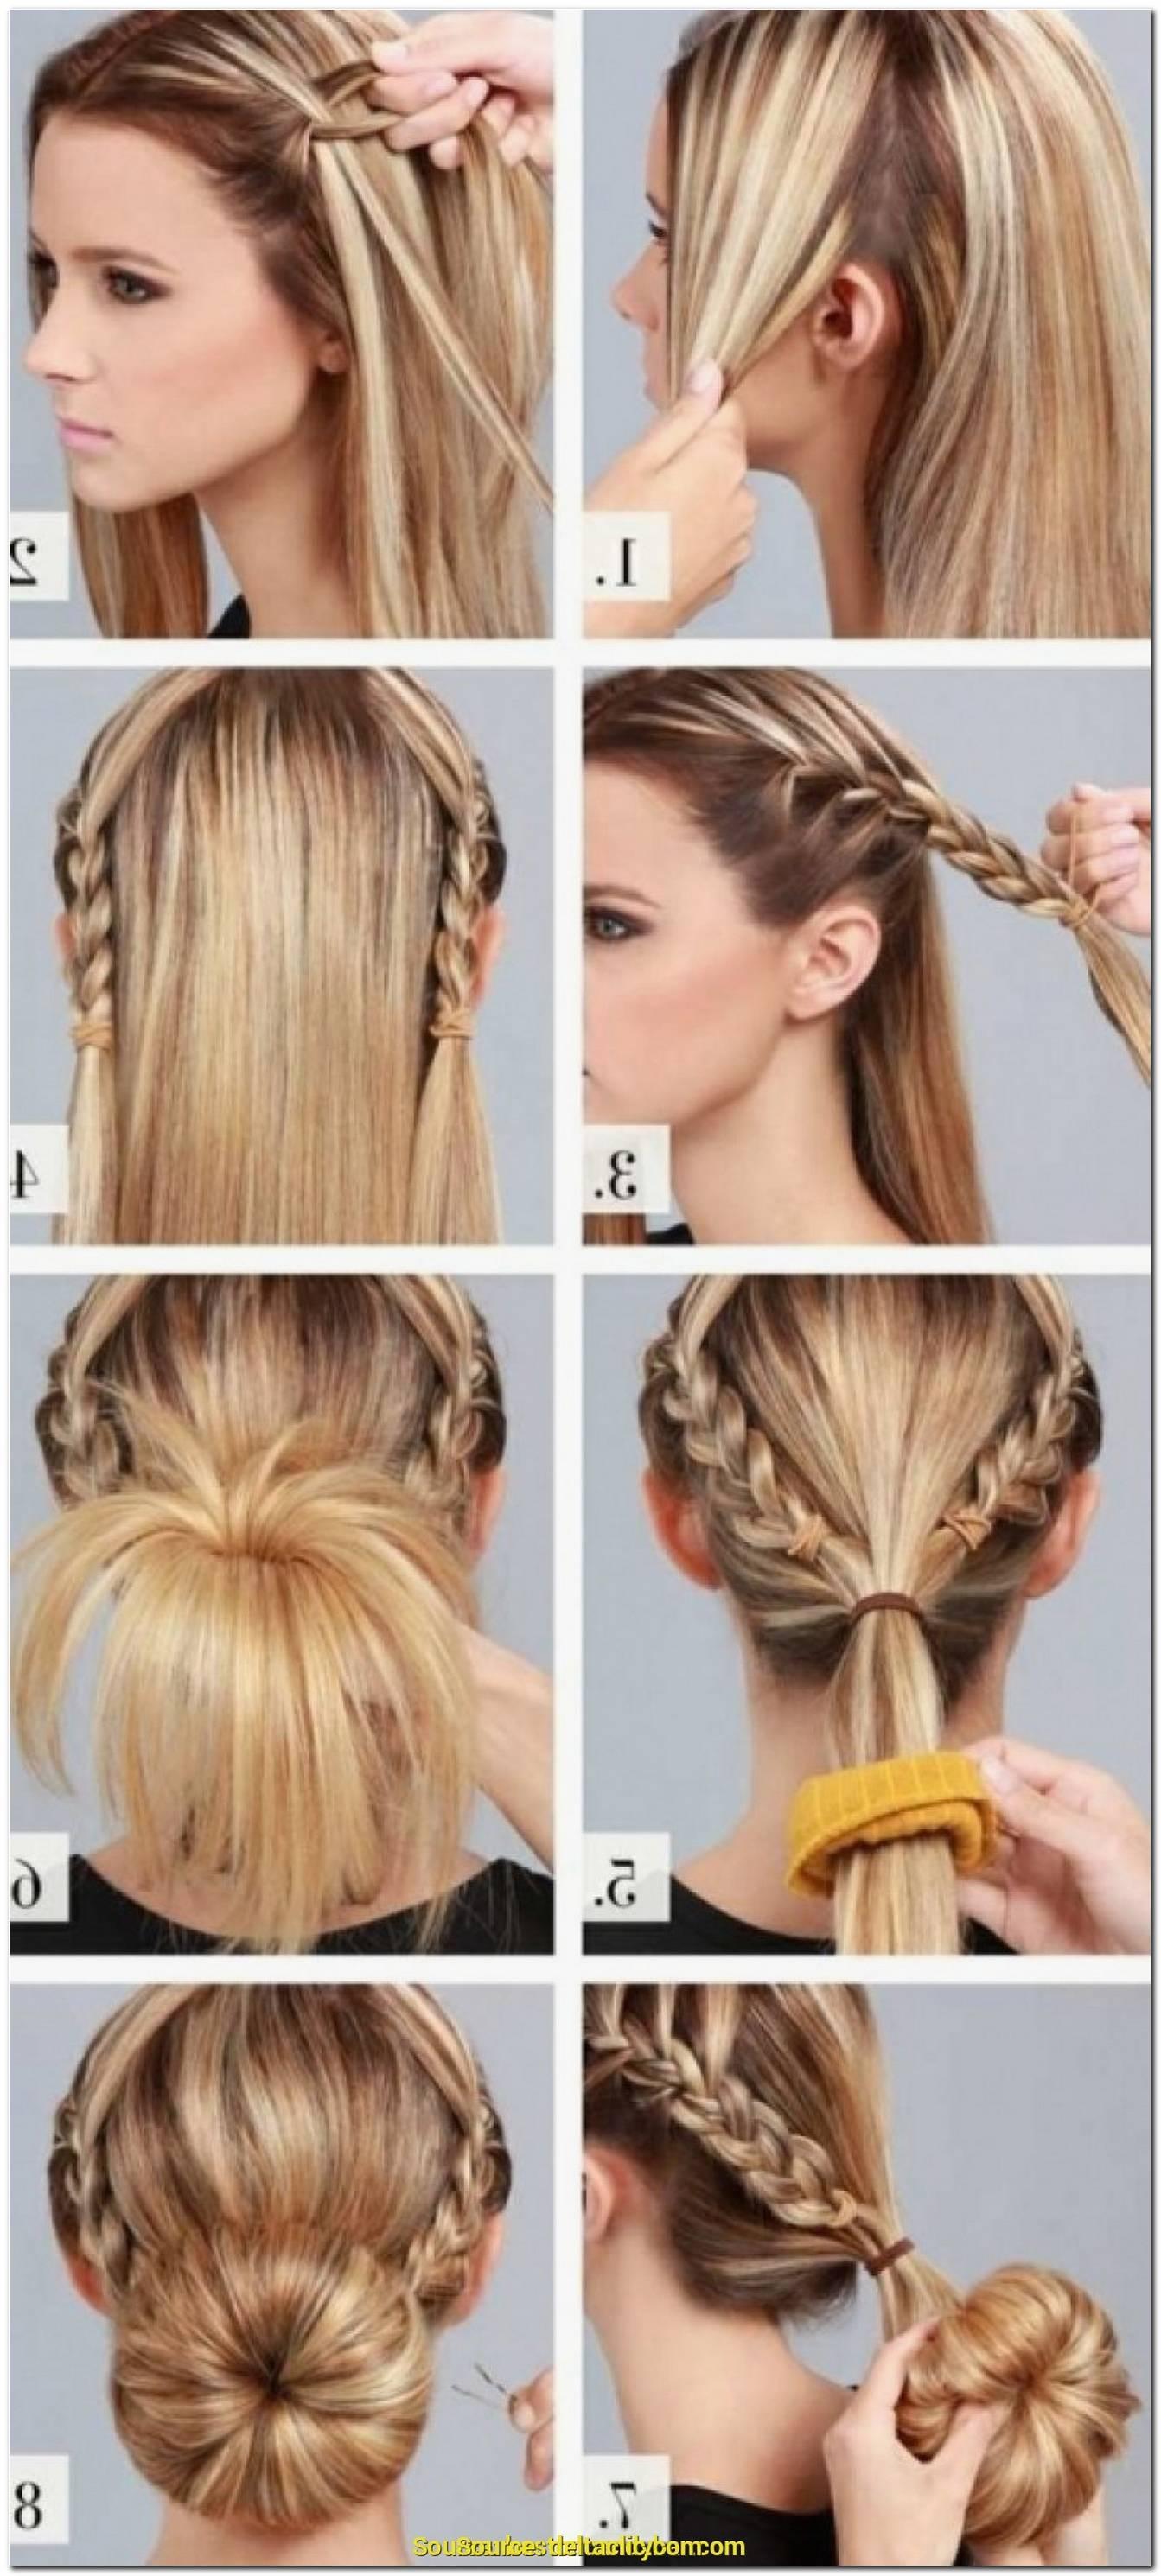 Einfache Frisuren FüR Lange Haare Selber Machen